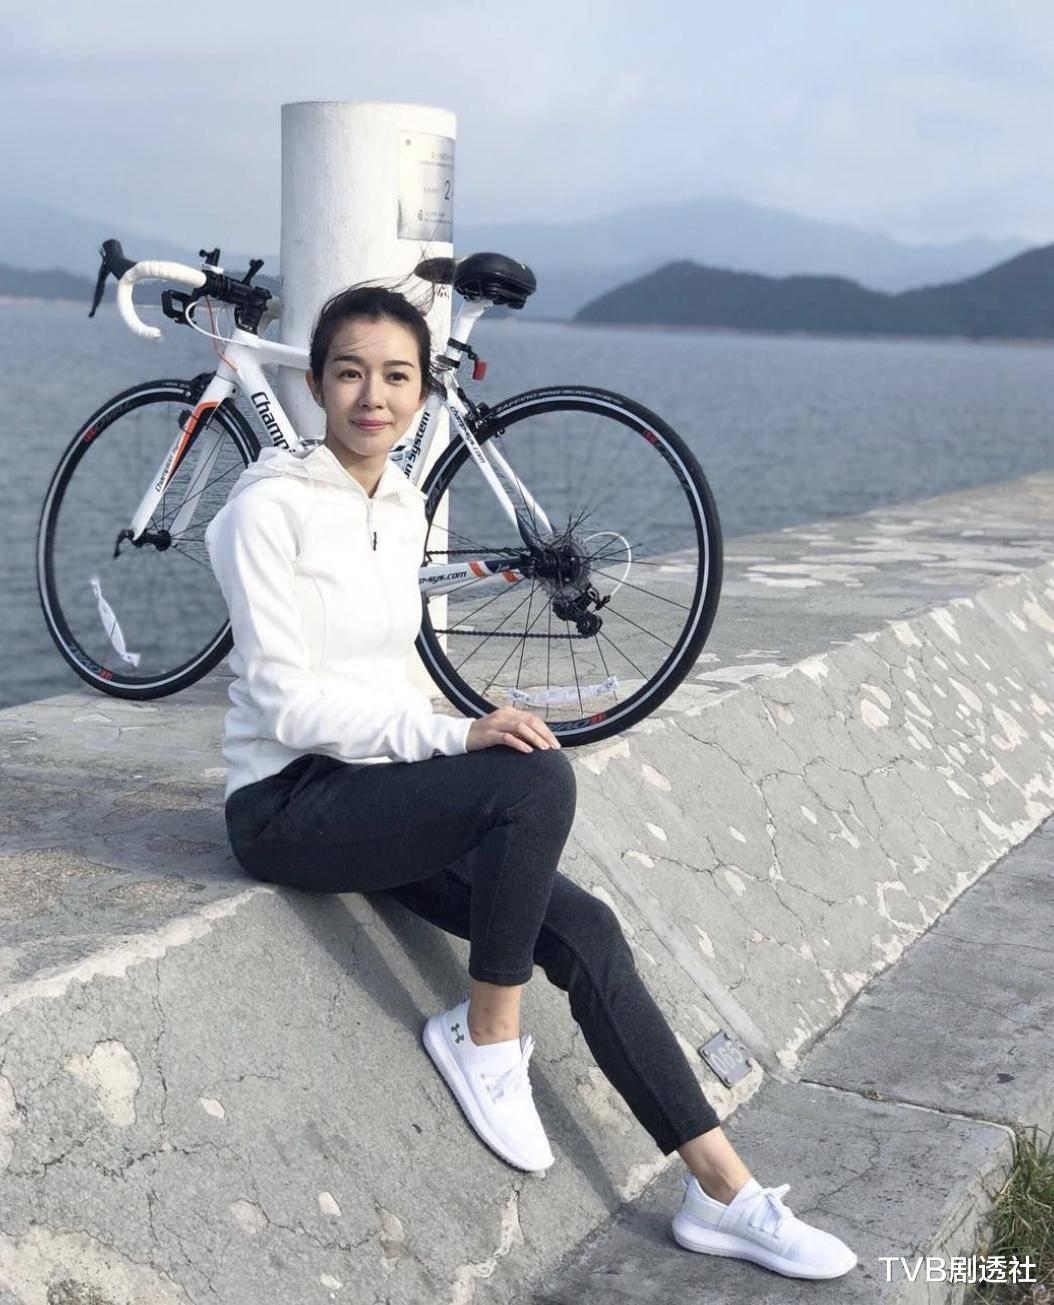 TVB選秀版《沖上雲霄大選》,為空姐空少提供進入娛樂圈機會-圖3